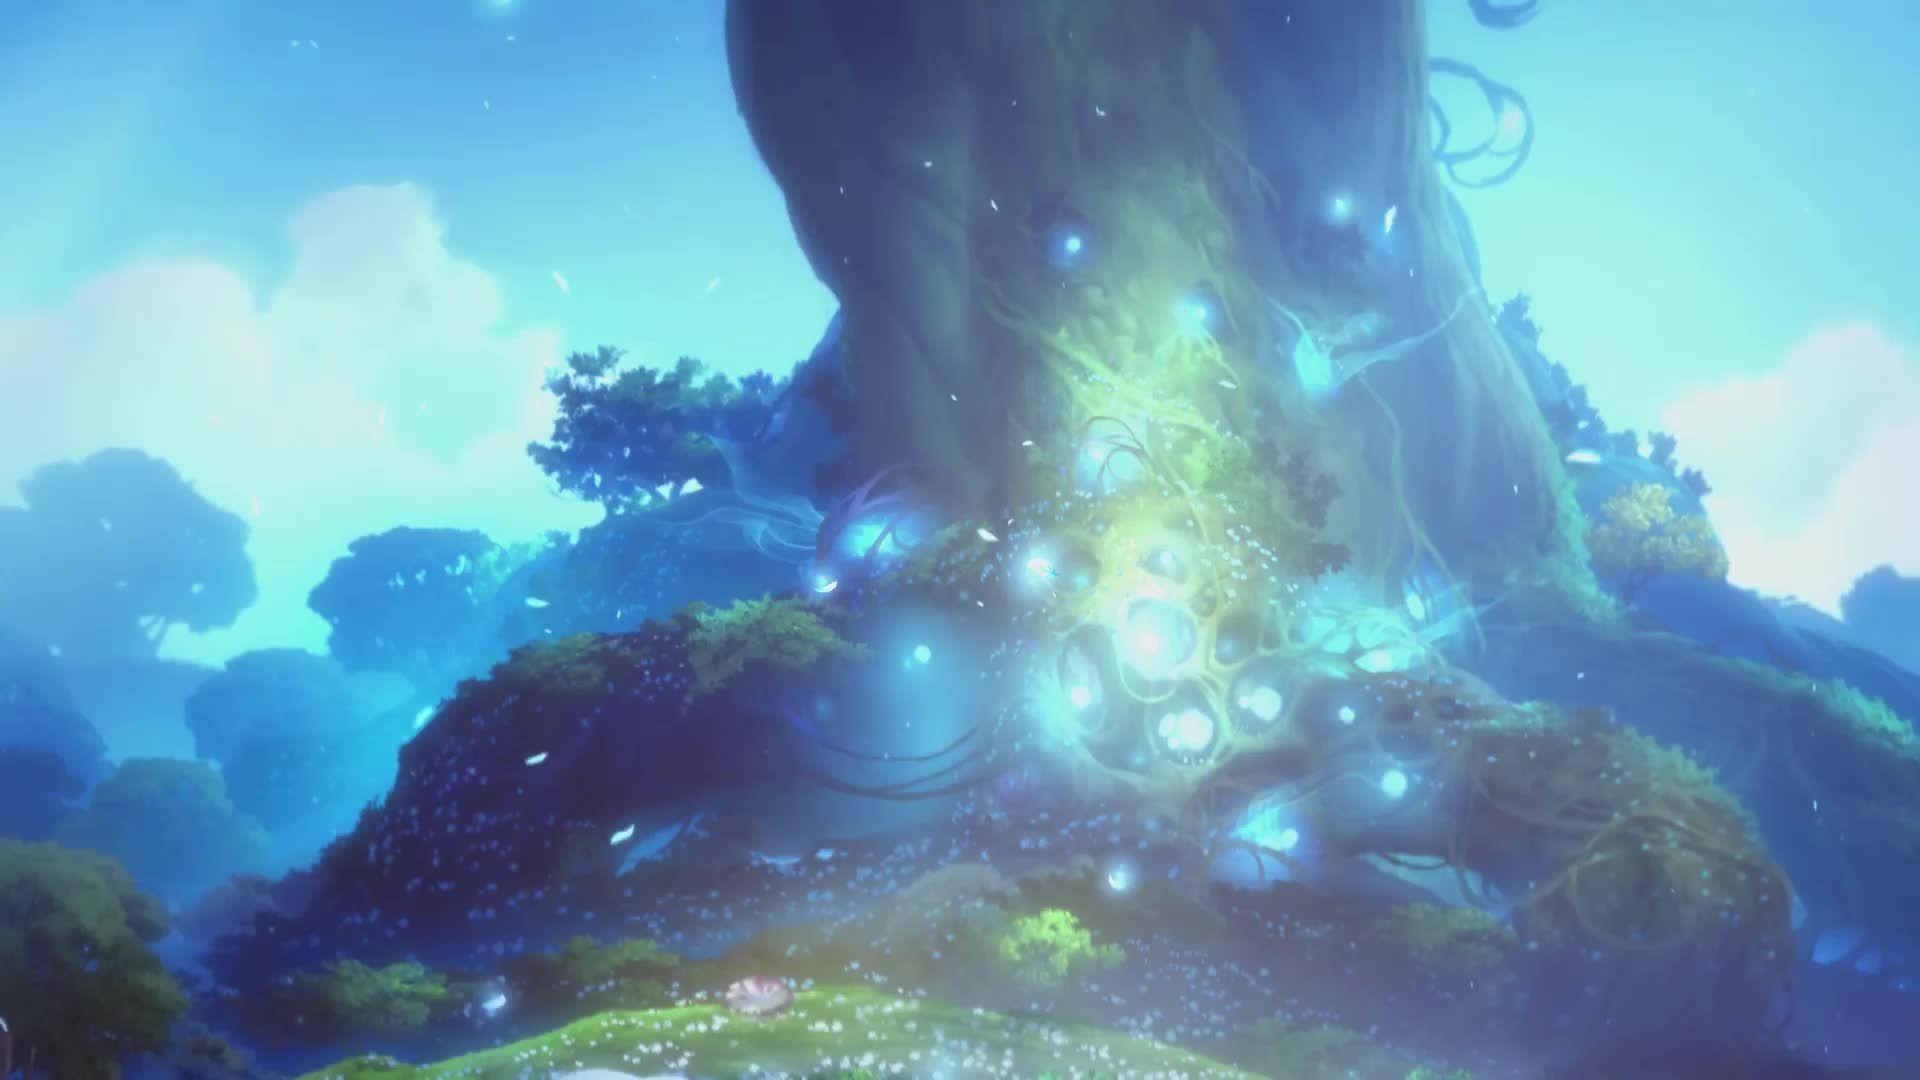 Ori And The Blind Forest Full Live Wallpaper - DesktopHut ...